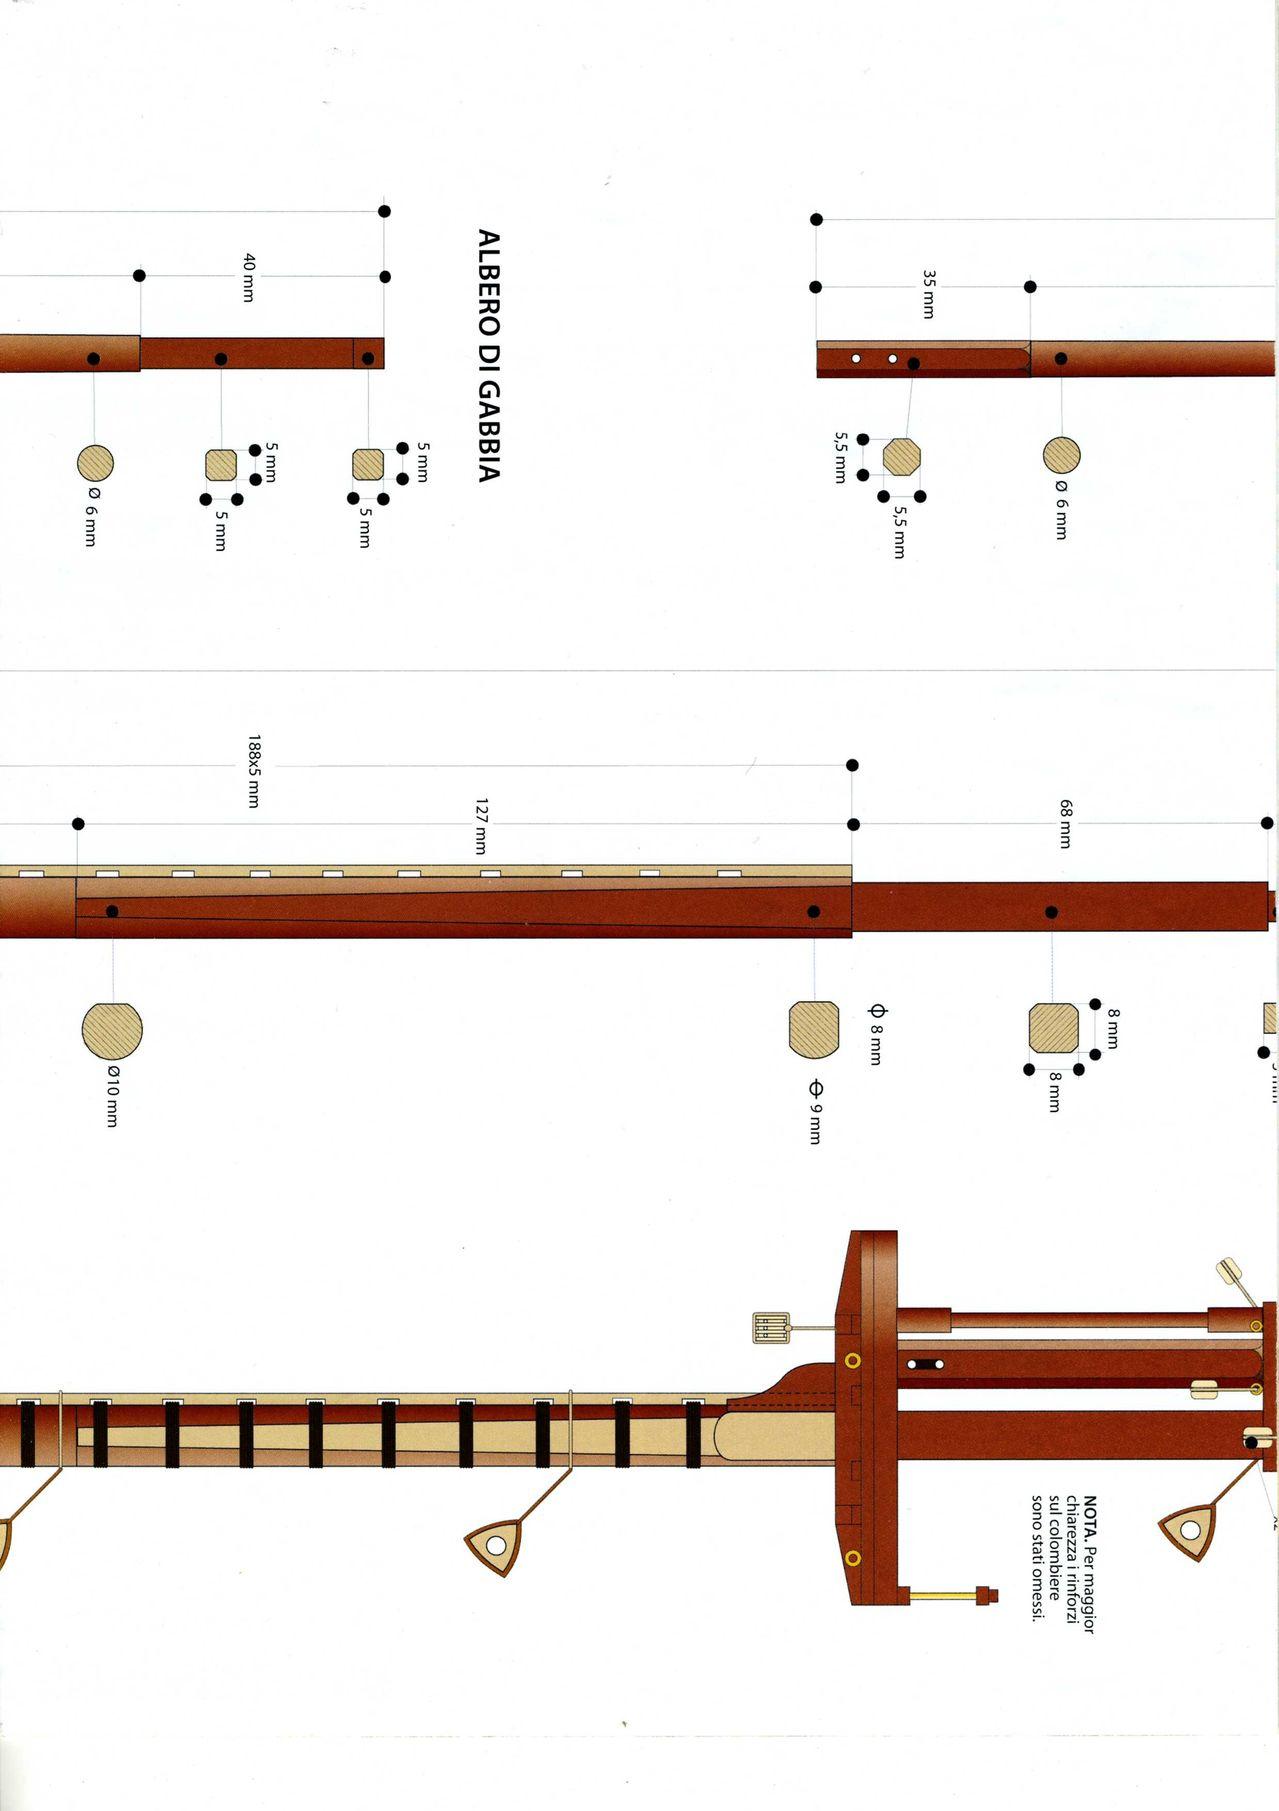 victory - alberatura victory Page_3_albero_di_maestra